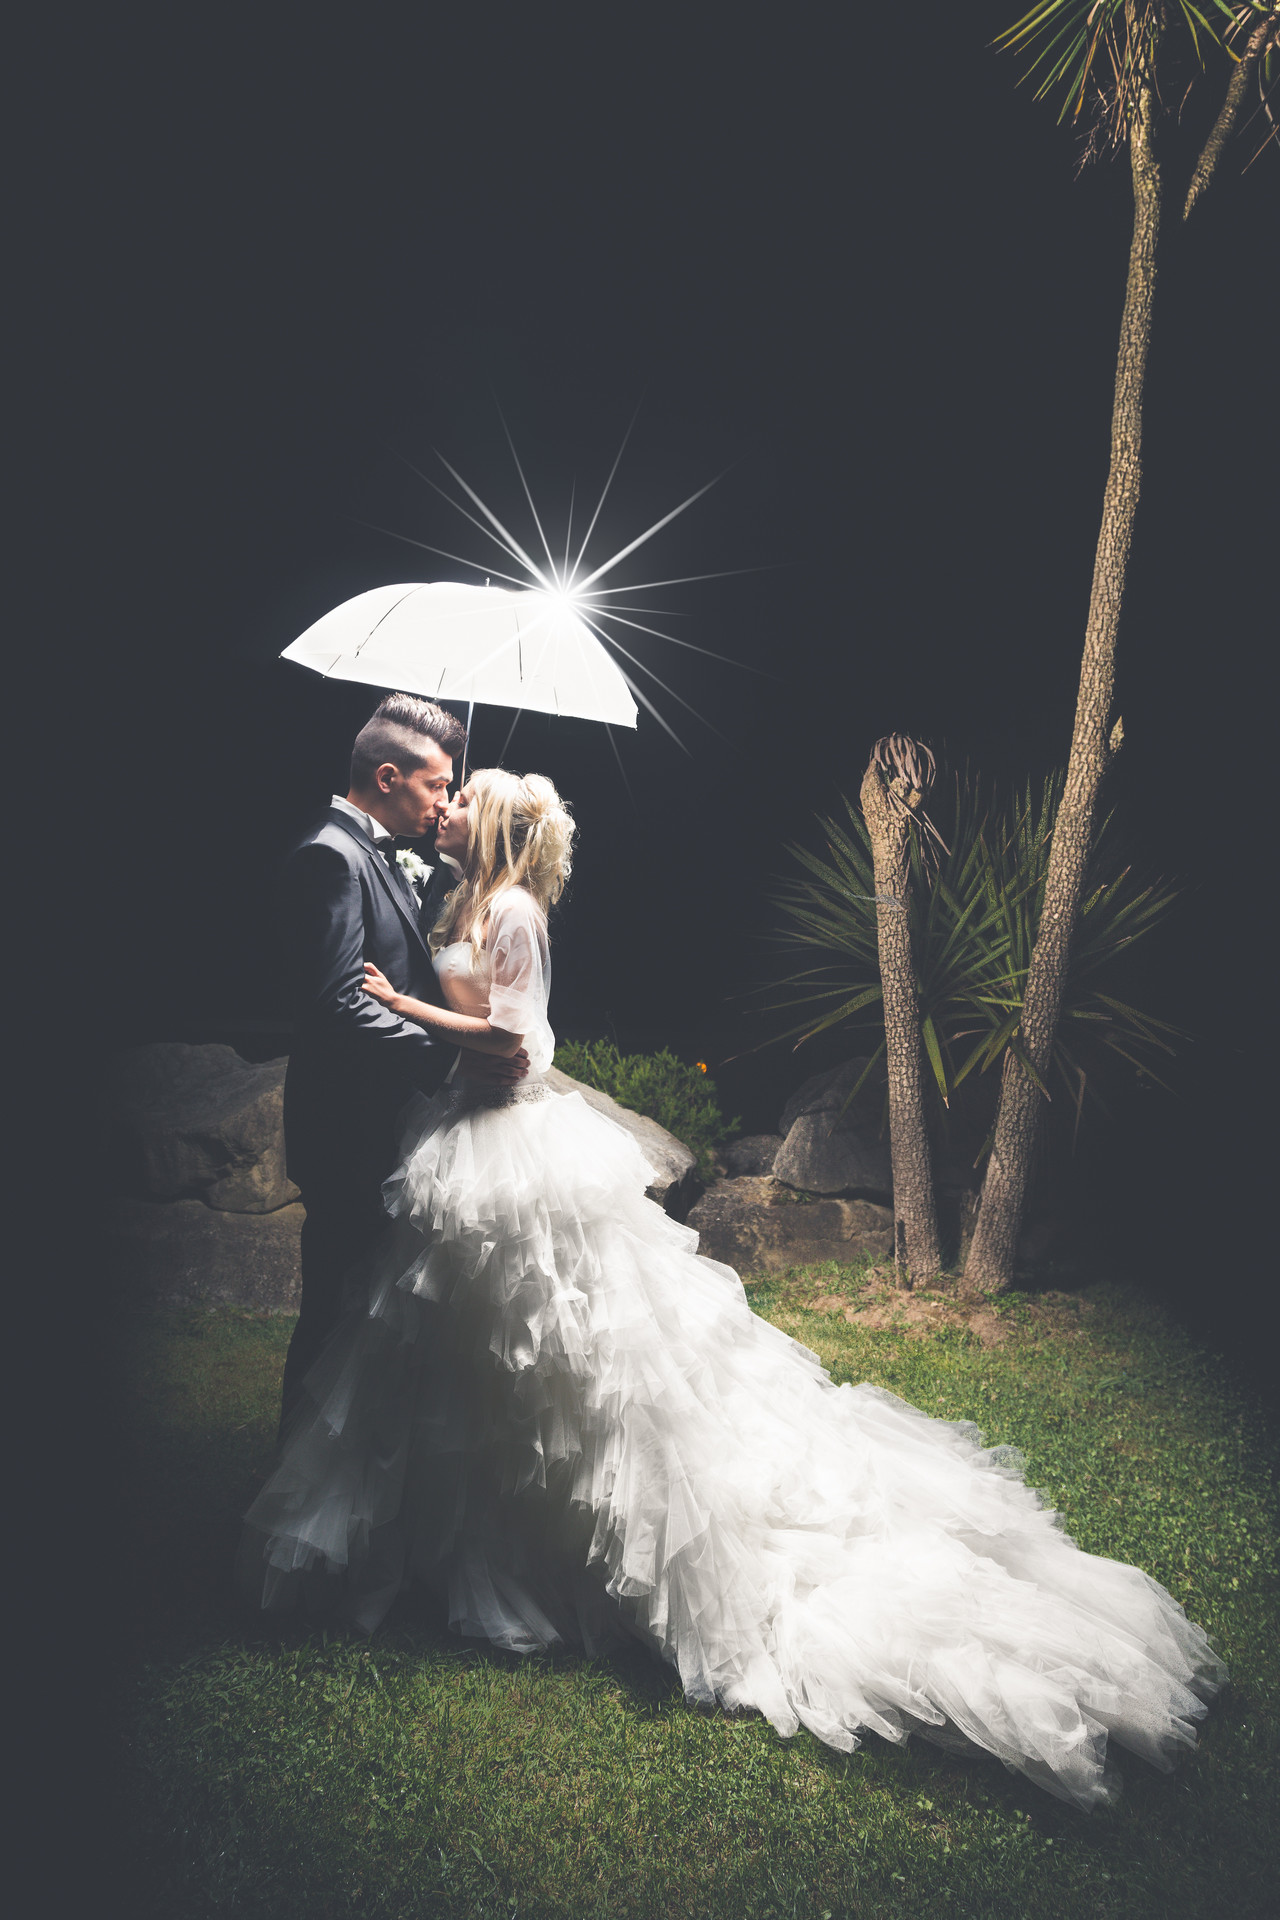 543-Matrimonio Ele-Fed-Colori-_MG_9884-Modifica